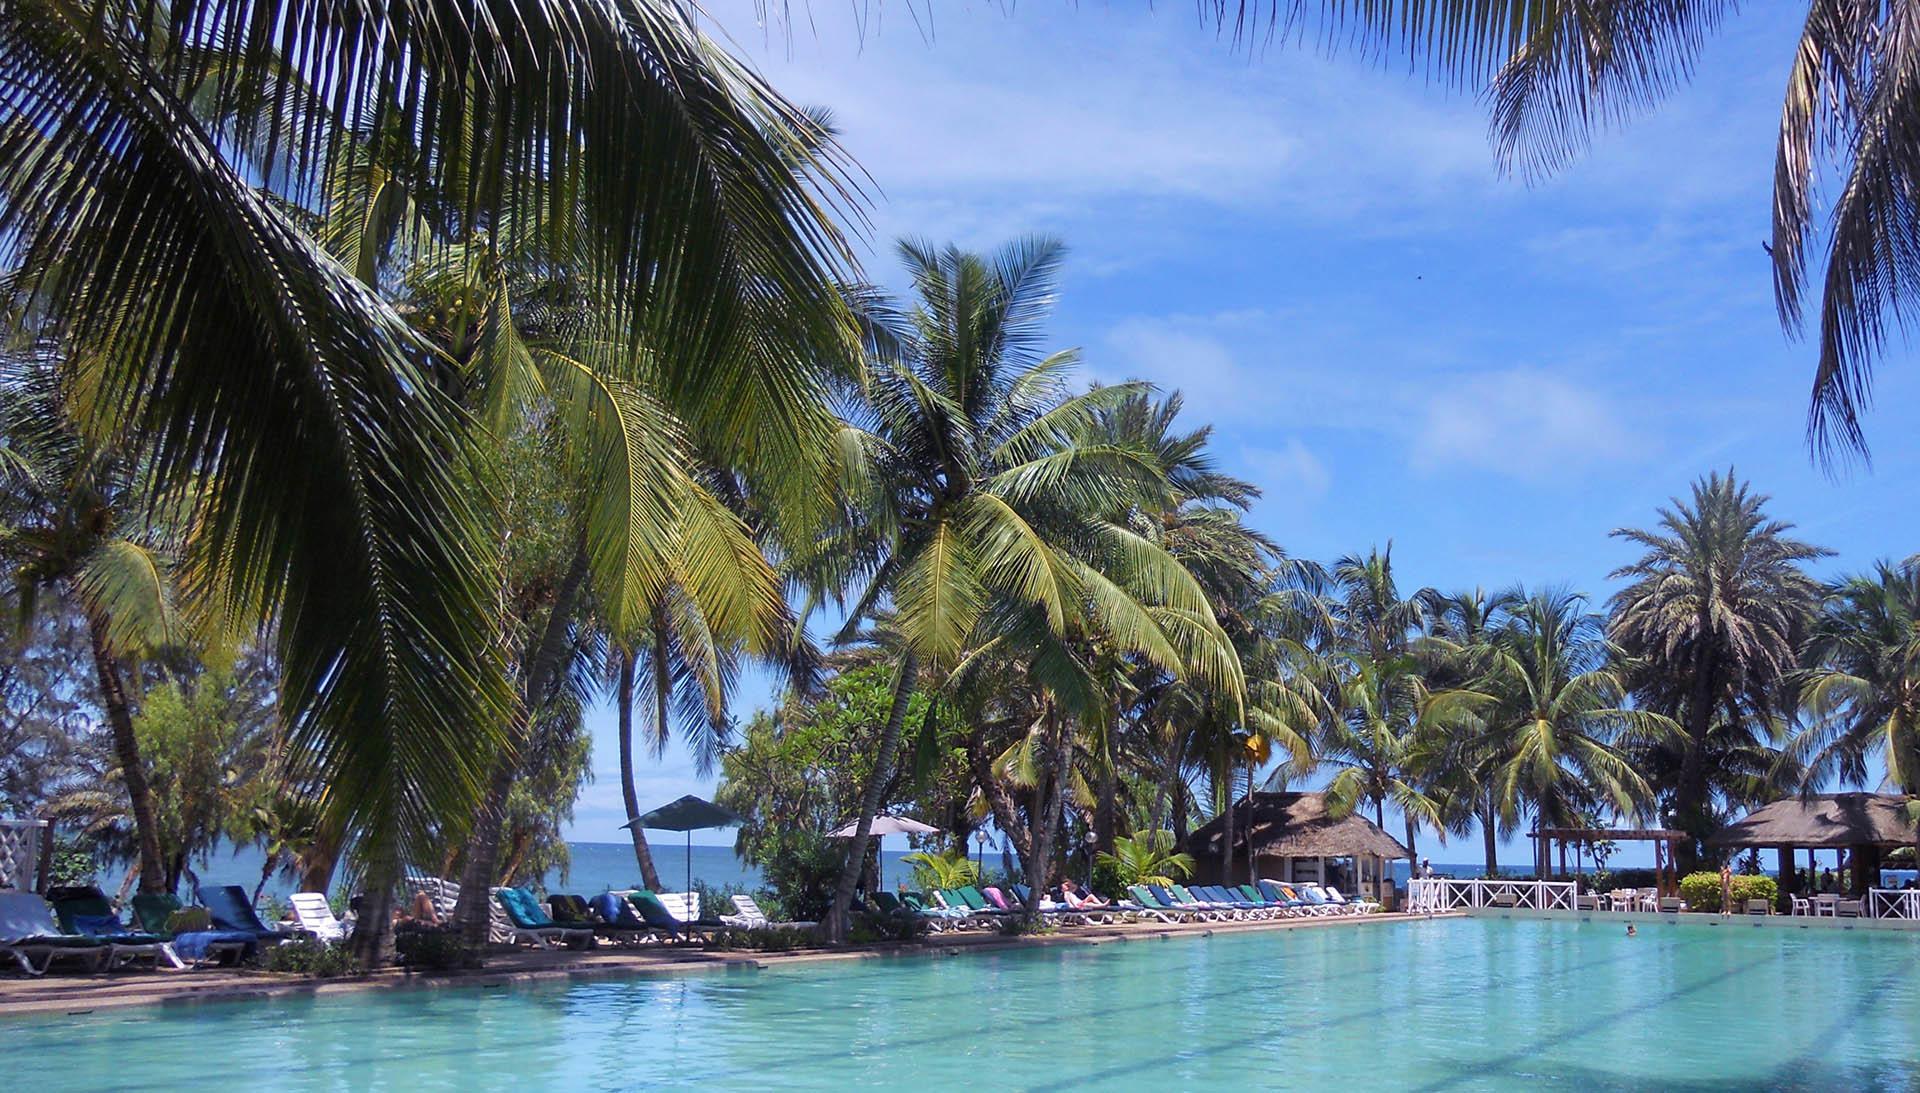 Hotel Jardin Savana Dakar | Luxury Beach Hotel In Dakar Senegal encequiconcerne Hotel Jardin Savana Dakar